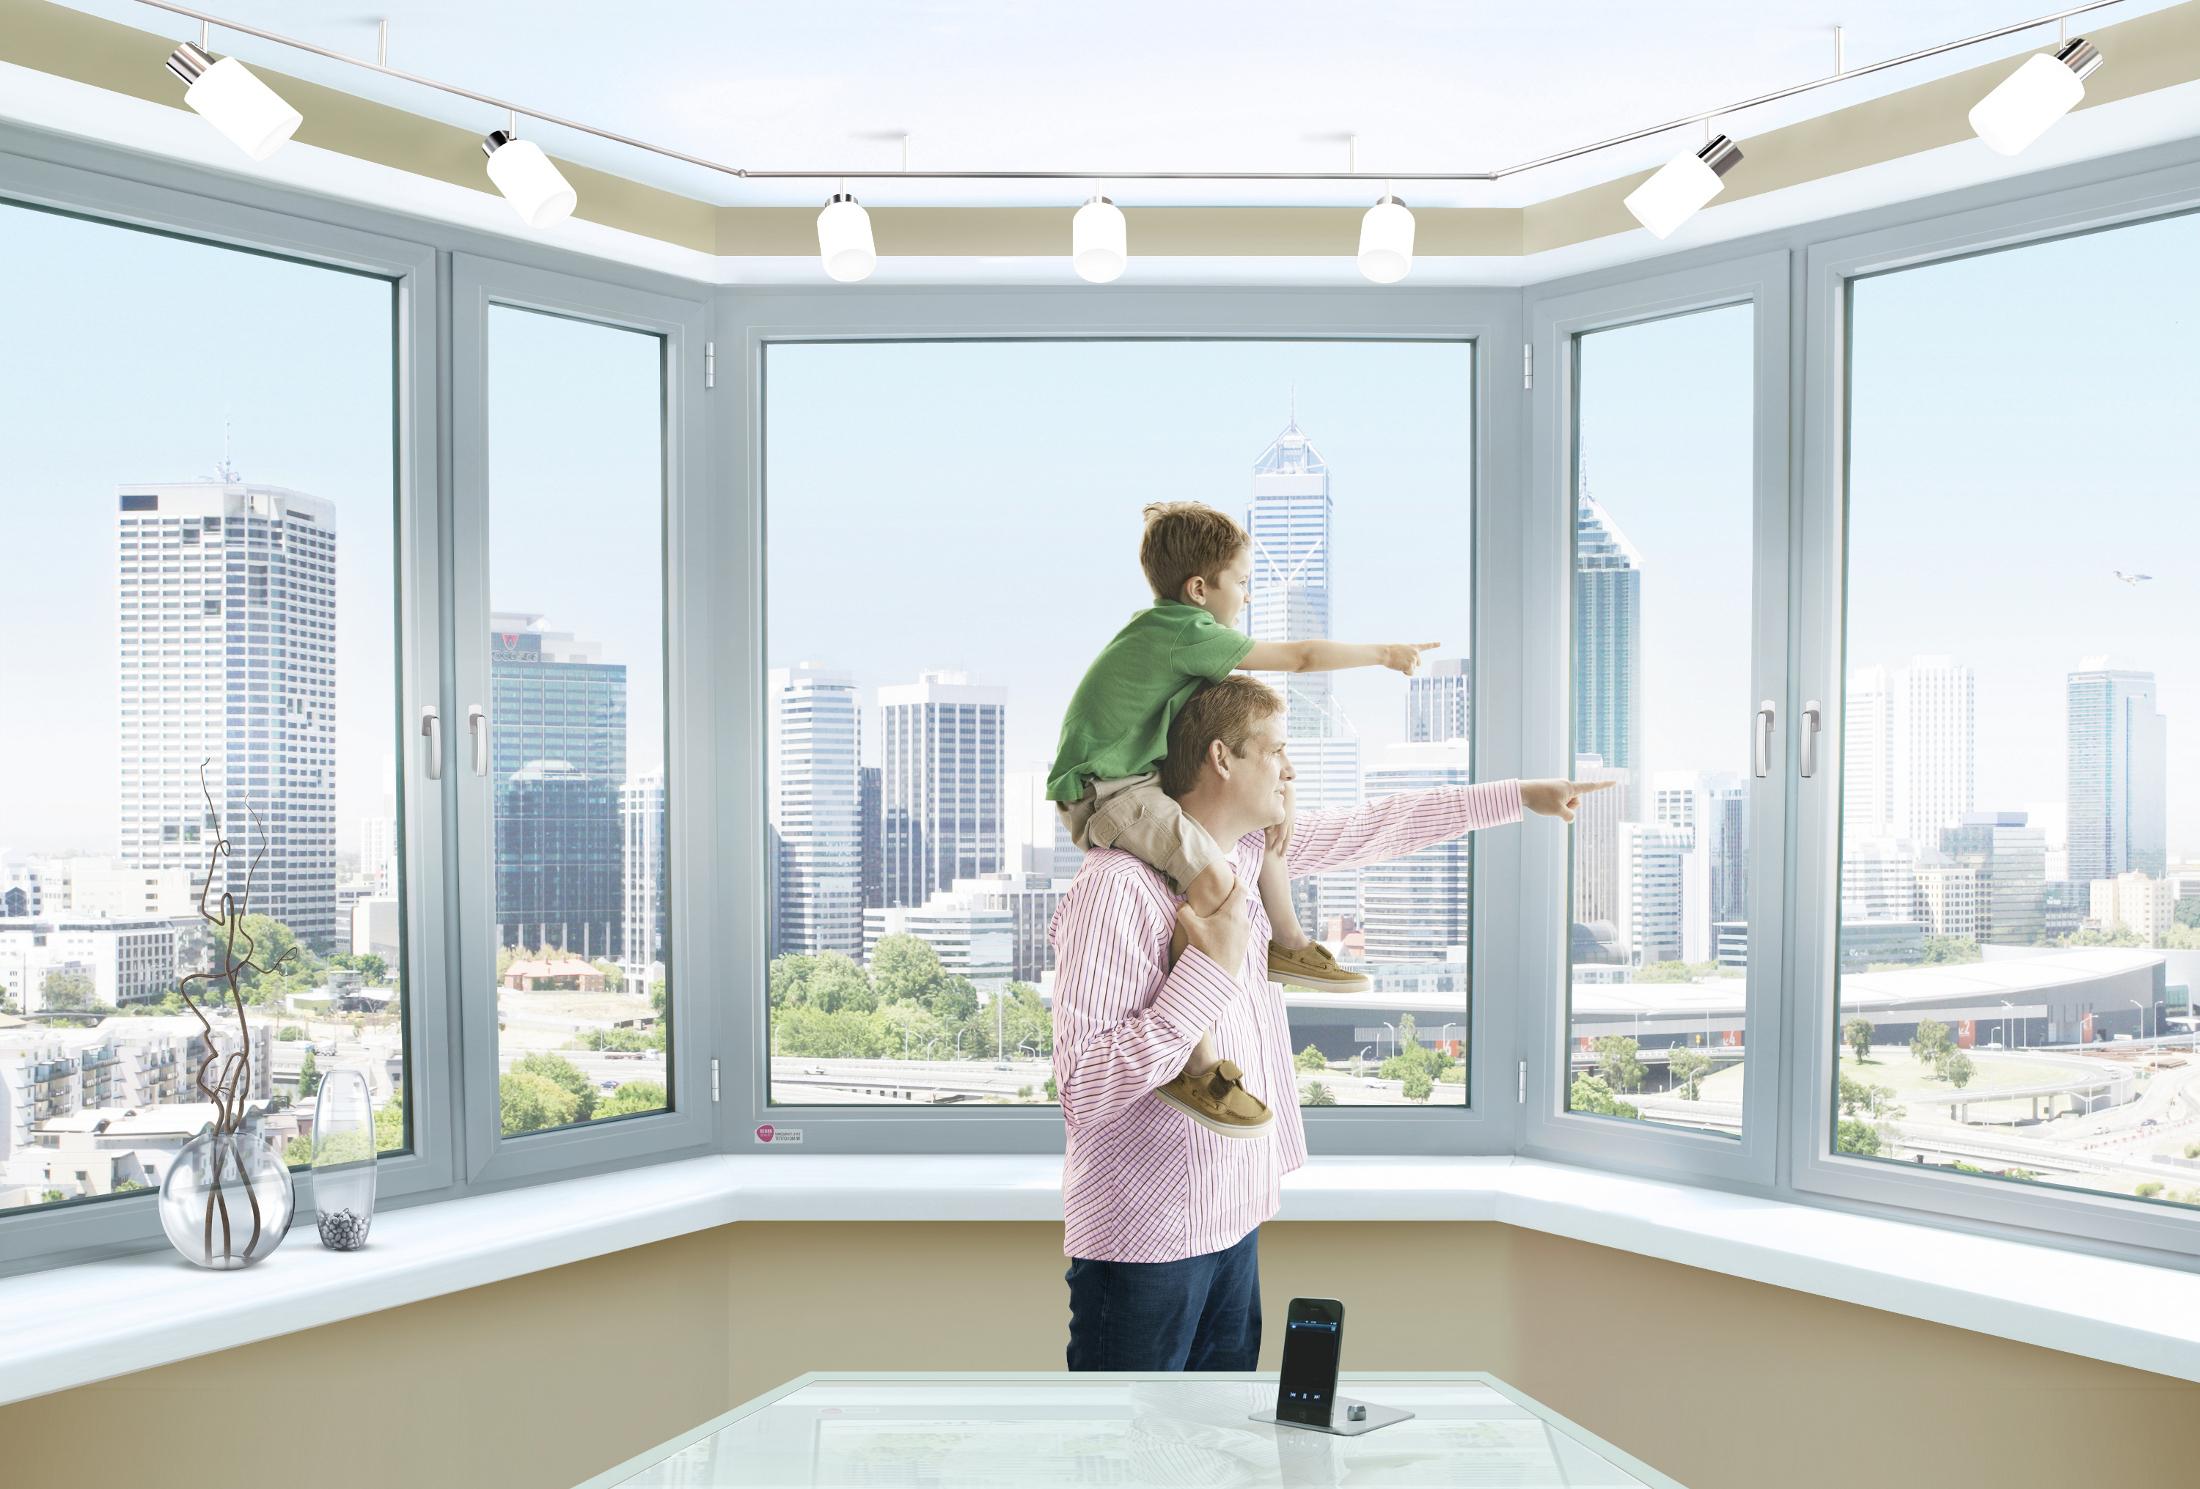 Как выбрать пластиковые окна правильно: лучшие окна пвх и рекомендации по их подбору